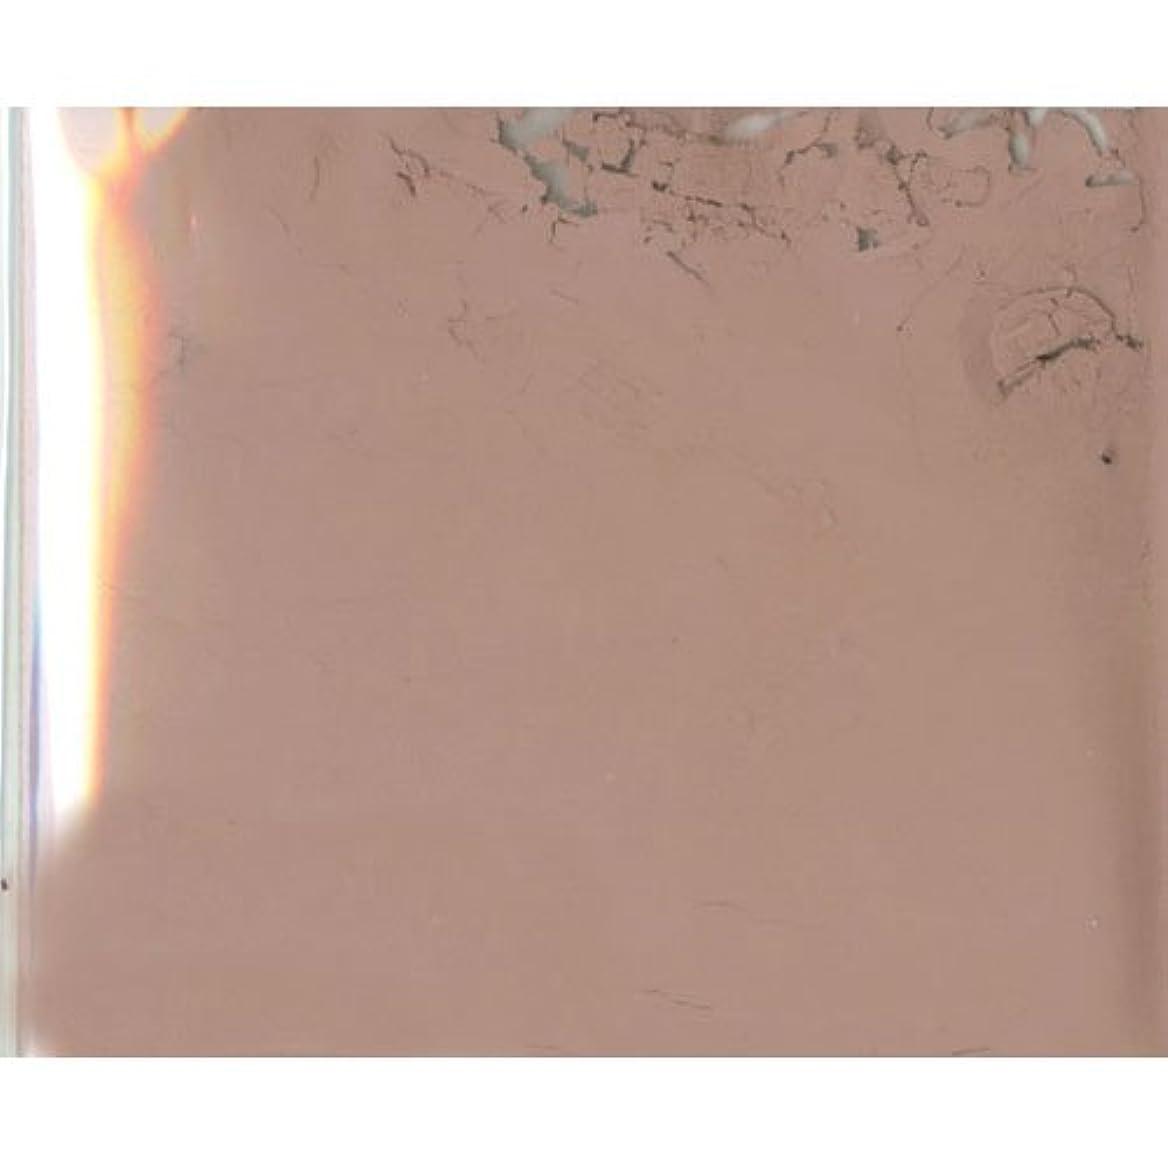 ピカエース ネイル用パウダー ピカエース カラーパウダー 透明顔料 #985 チョコレートブラウン 2g アート材